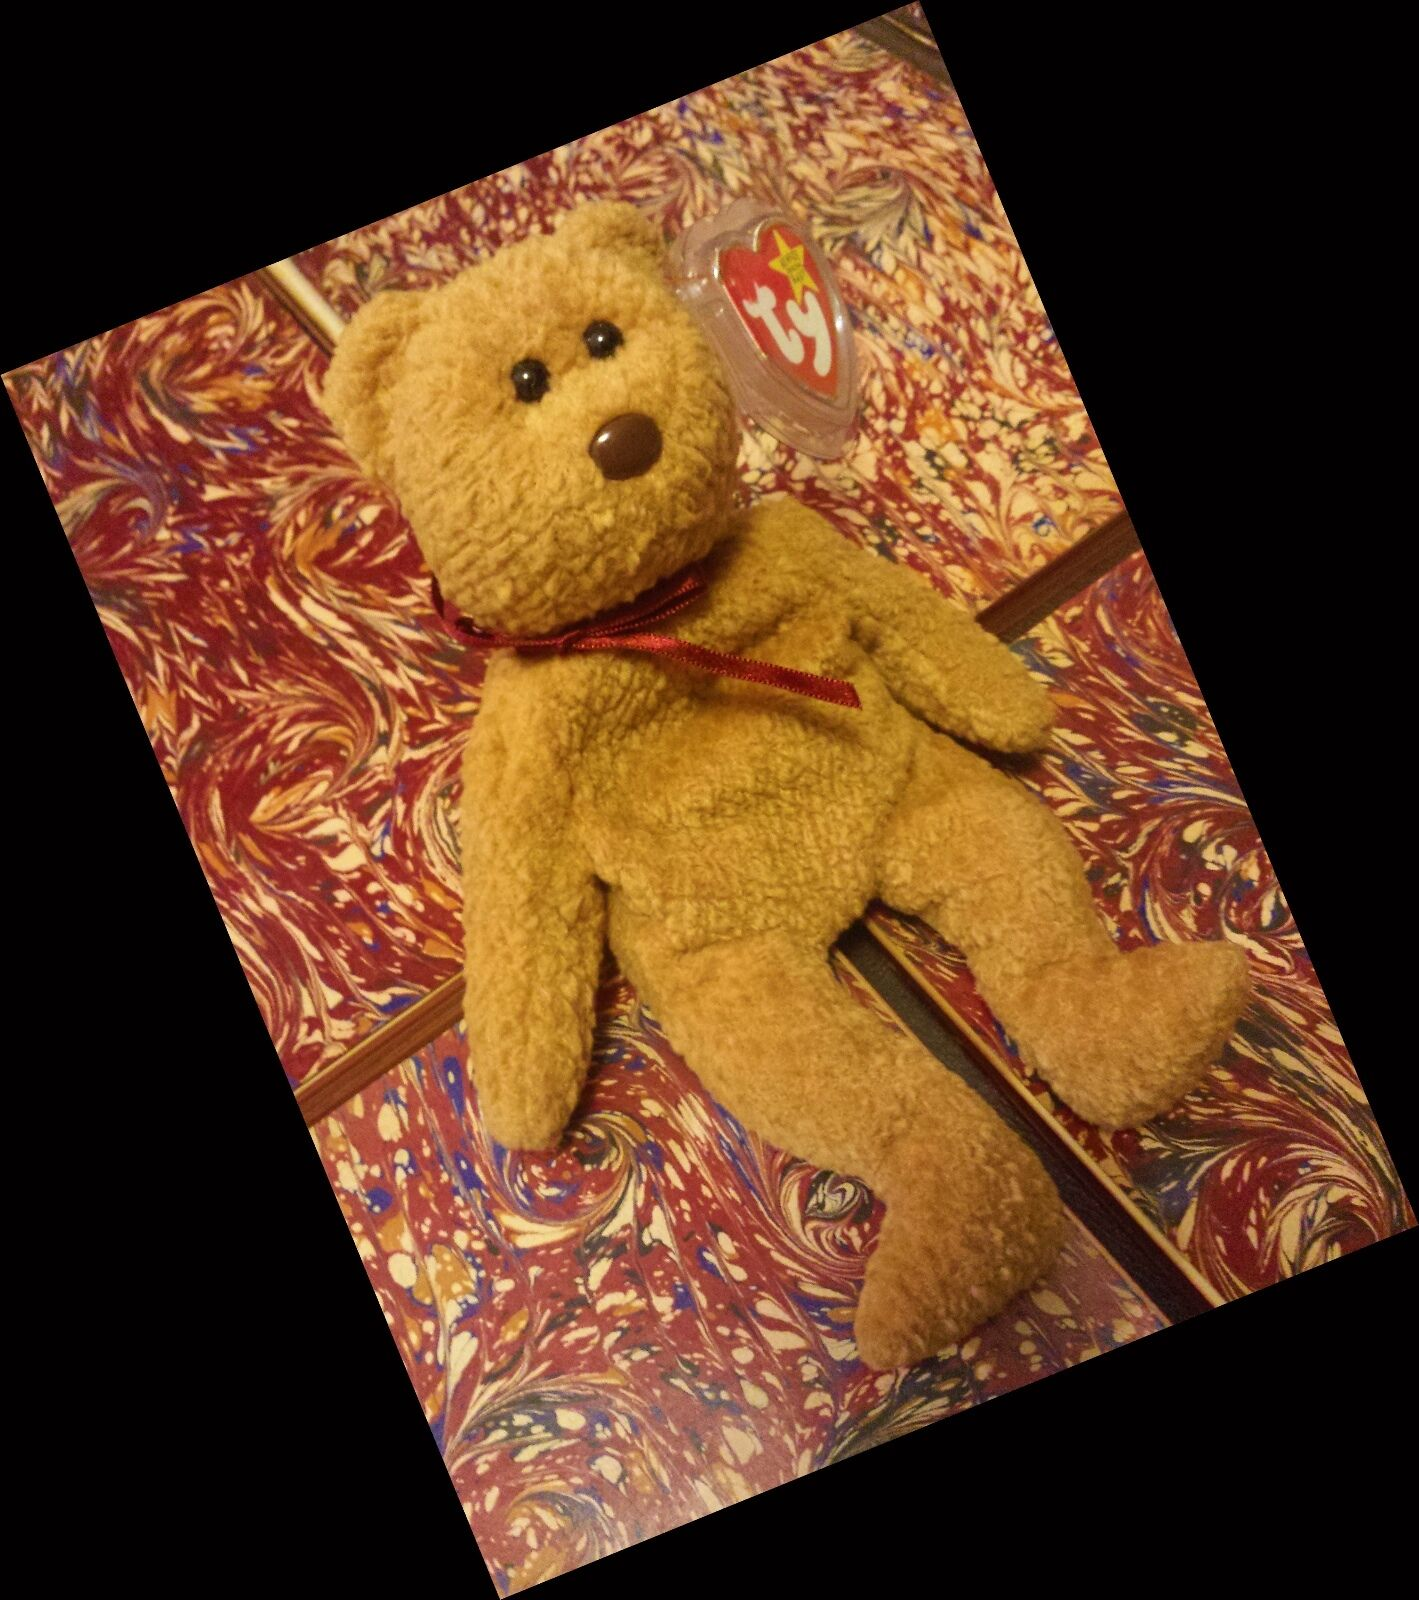 Süße elite selten ty  curly  bären - beanie baby fehler im ruhestand  origiinal  1993 - 96